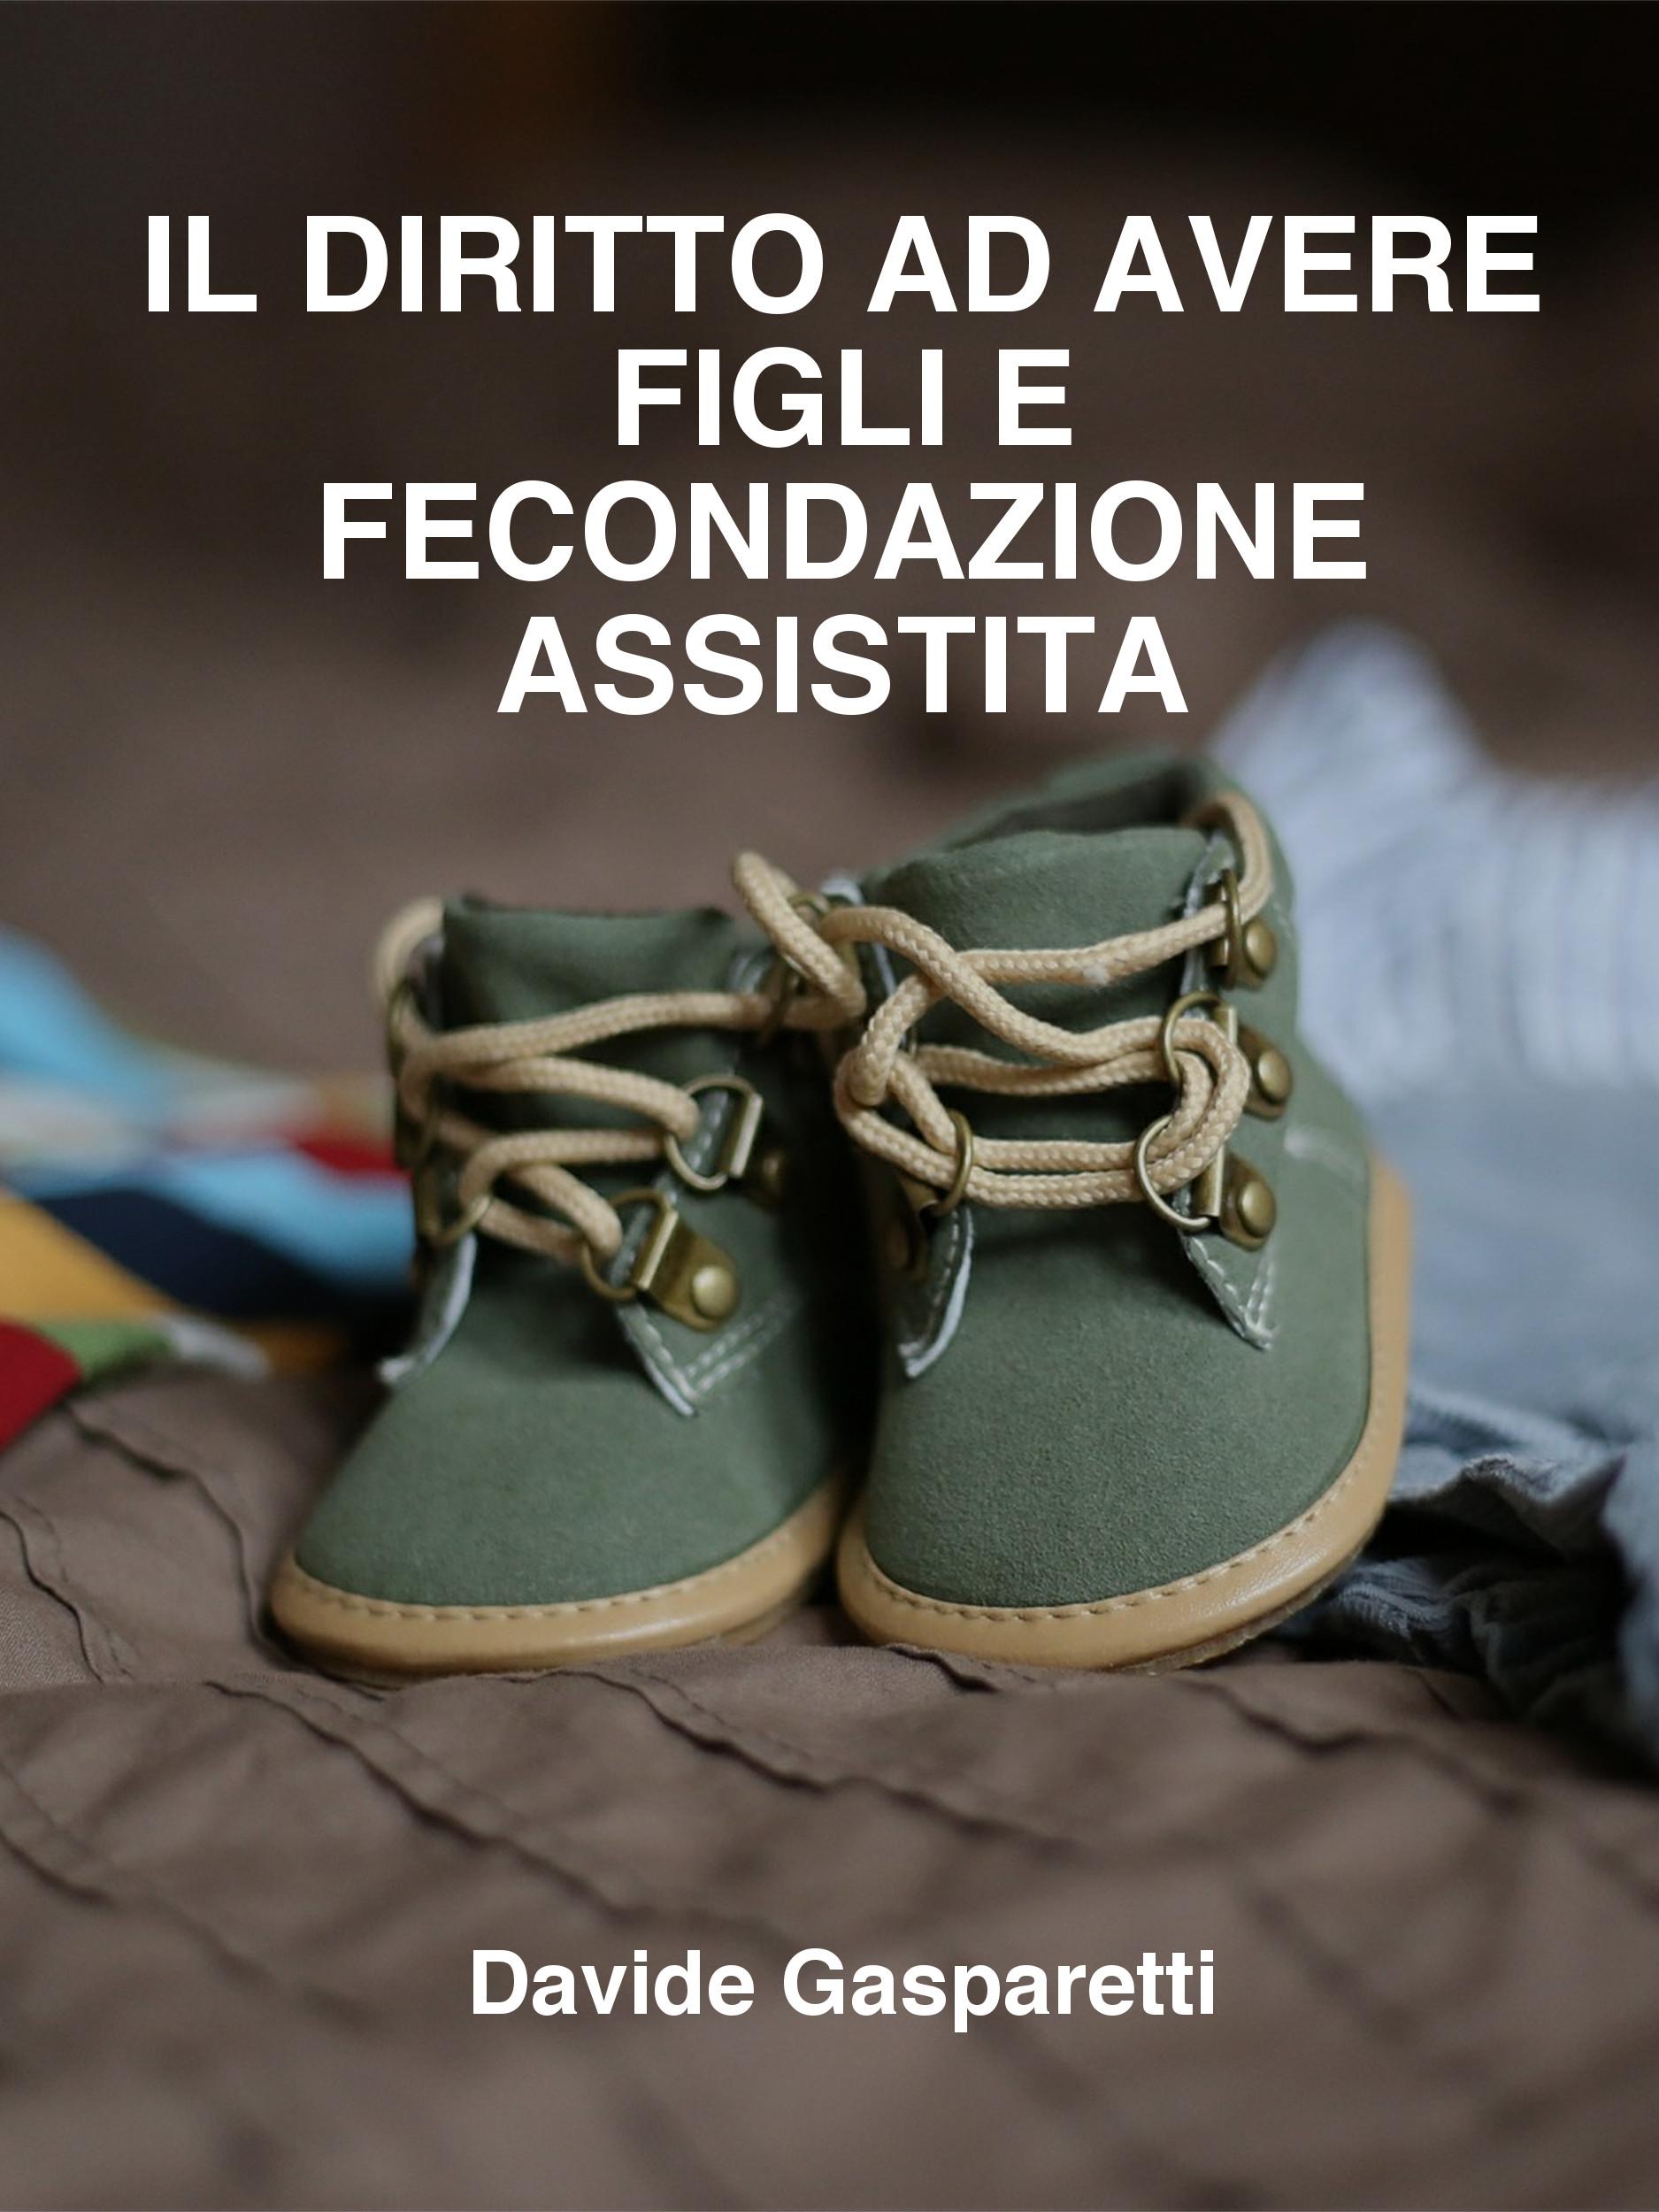 Il diritto ad avere figli e fecondazione assistita